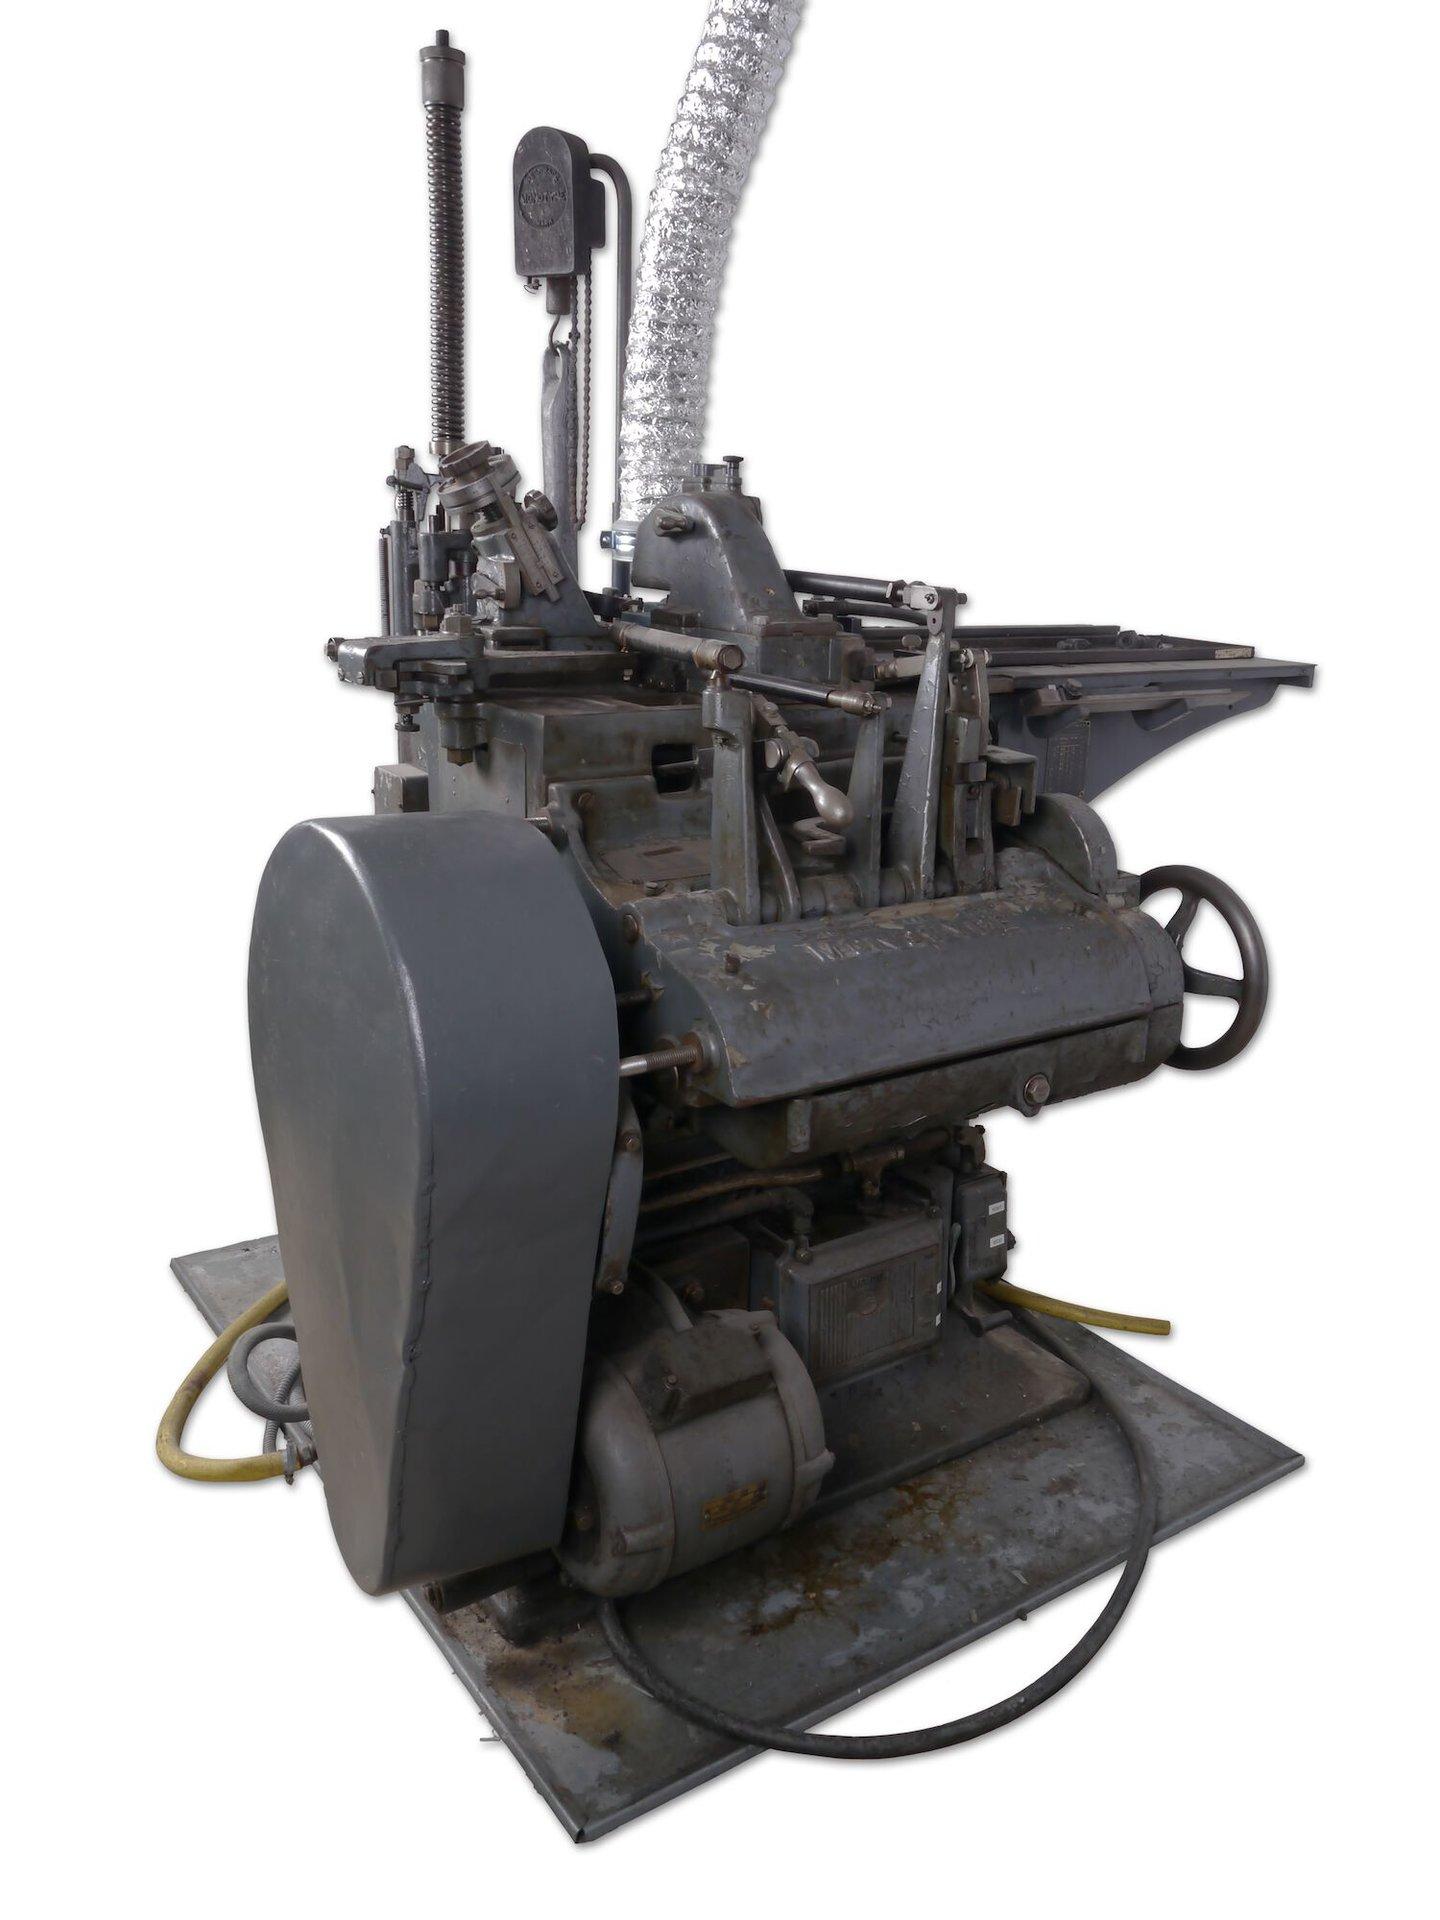 Lettergietmachine van het merk Monotype